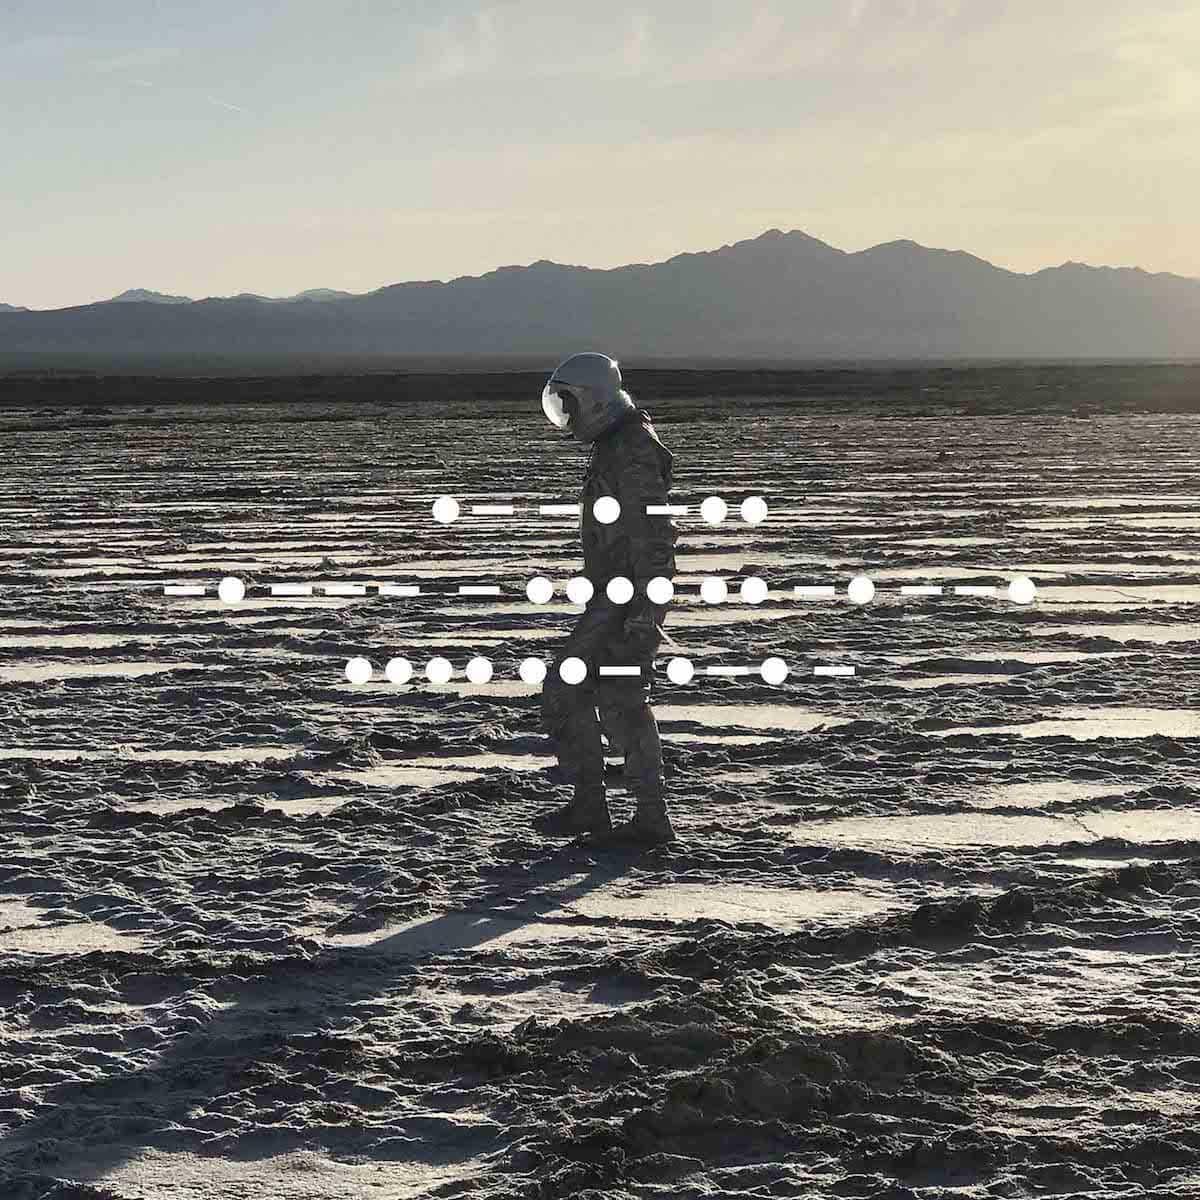 スピリチュアライズド、6年ぶりの新作リリース決定!ジェイソン・ピアースがほぼ1人で制作・録音 music180612_spiritualized_2-1200x1200